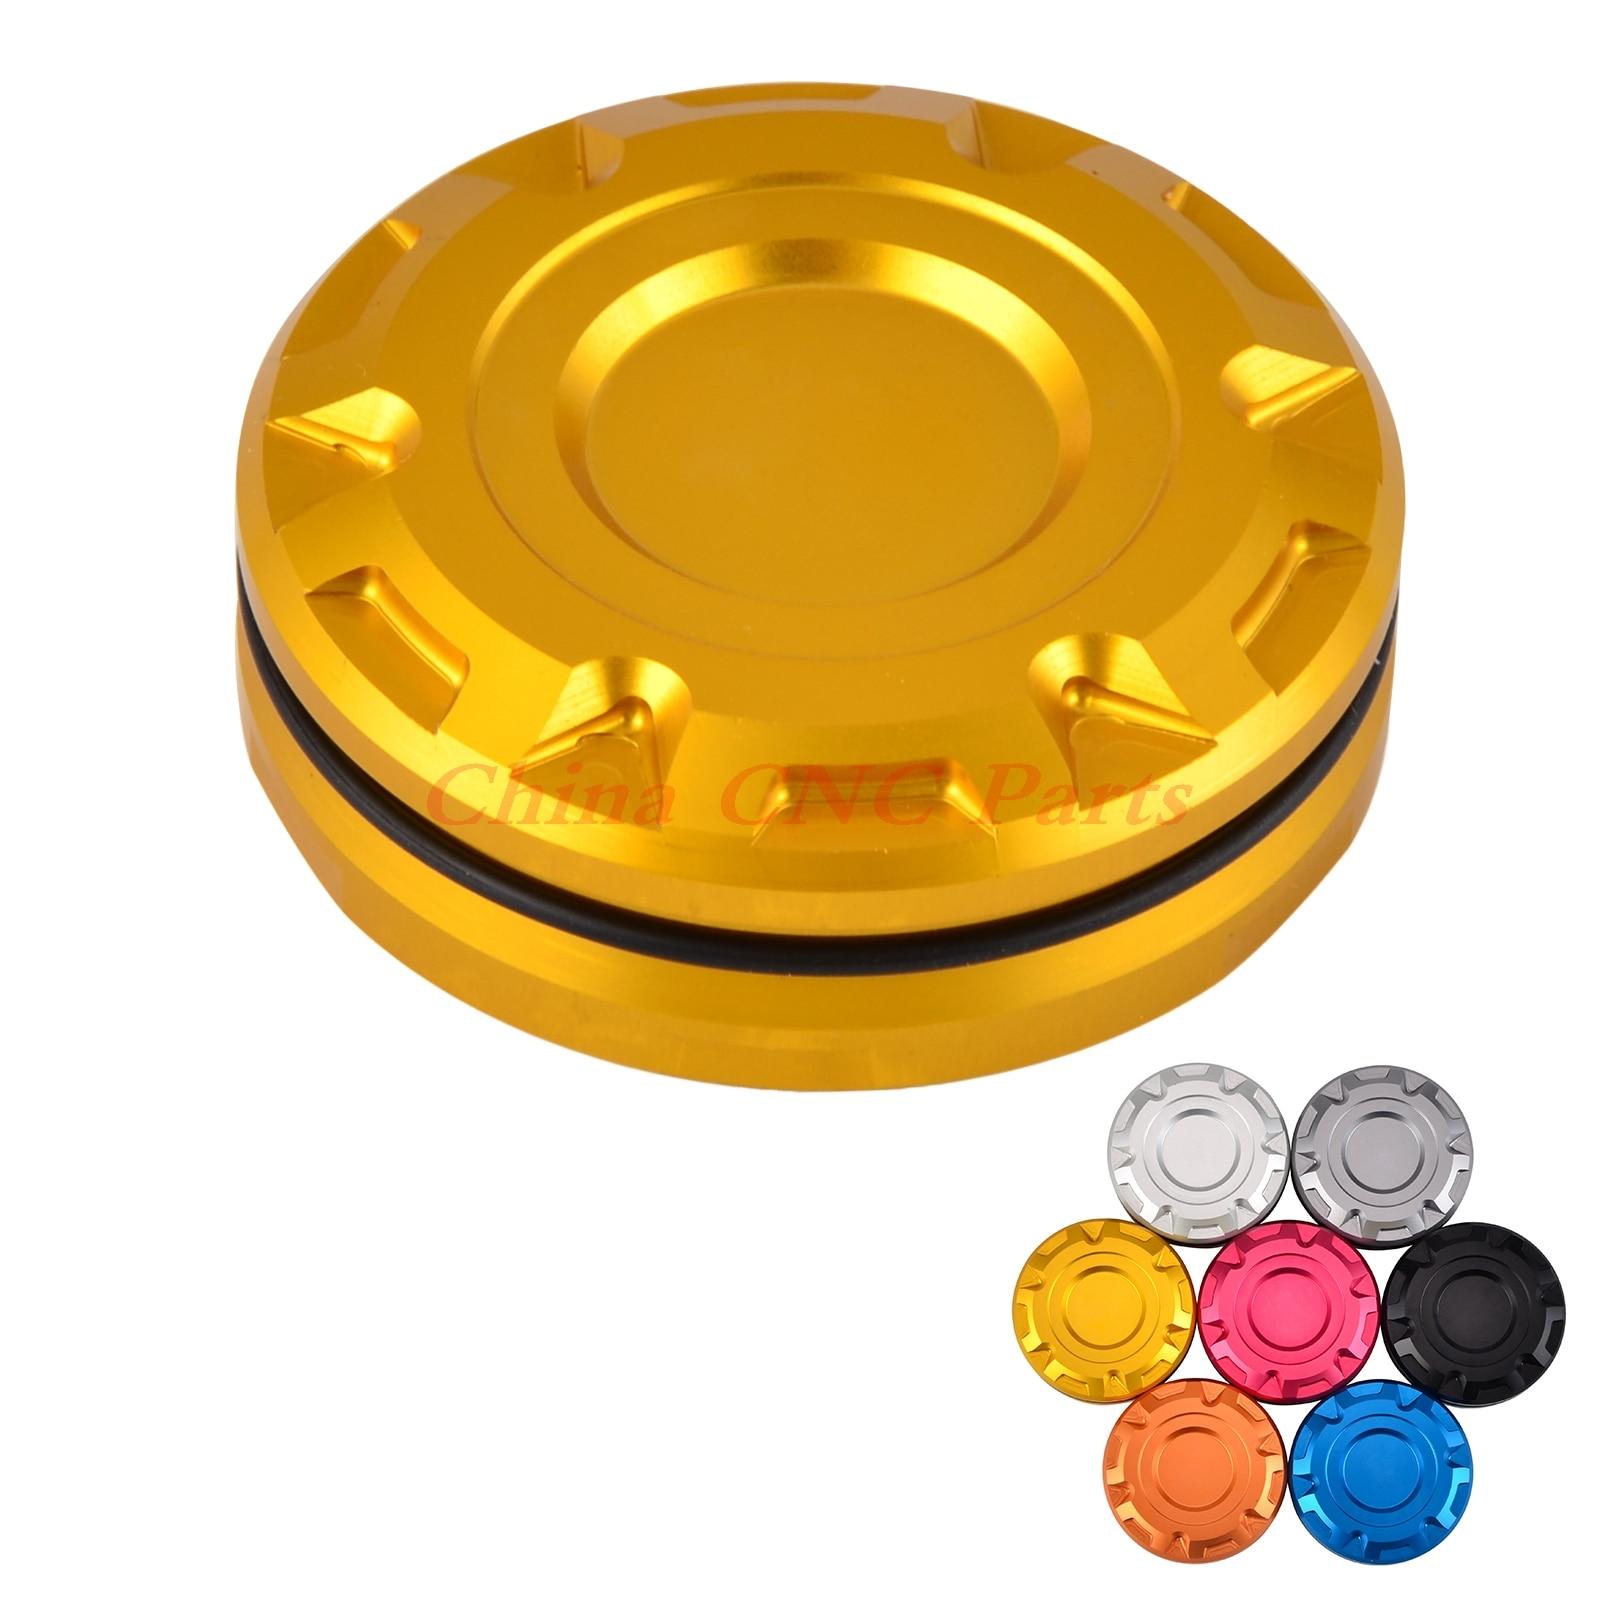 Rear Brake Master Cylinder Reservoir Cap For BWM HP2 HP4 K 1100 1200 1300 1600 R 850 900 1150 1200 S1000R/RR/XR R nineT 2 х комнатную квартиру в саратове за 1200 1300